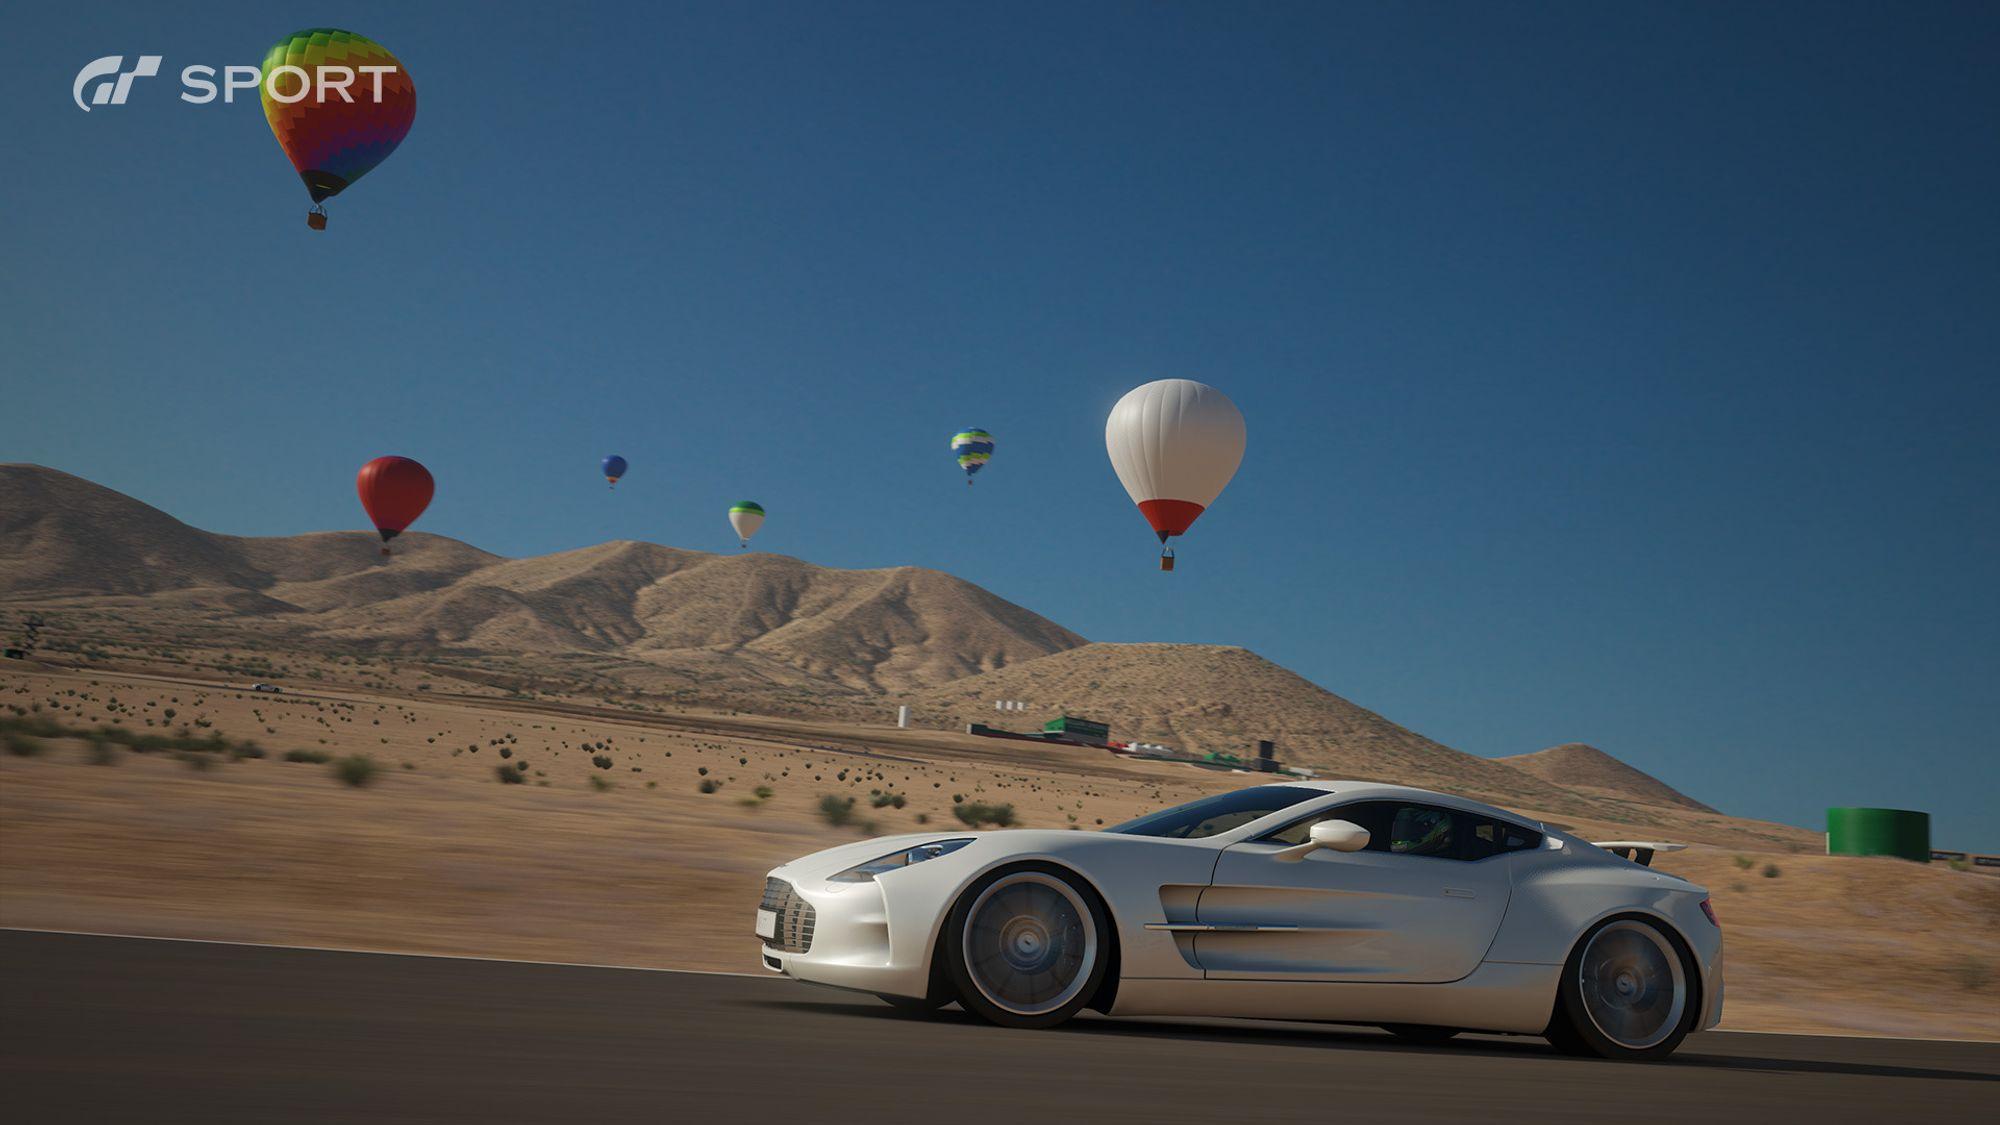 Flotte luftballonger pryder bakgrunnen.